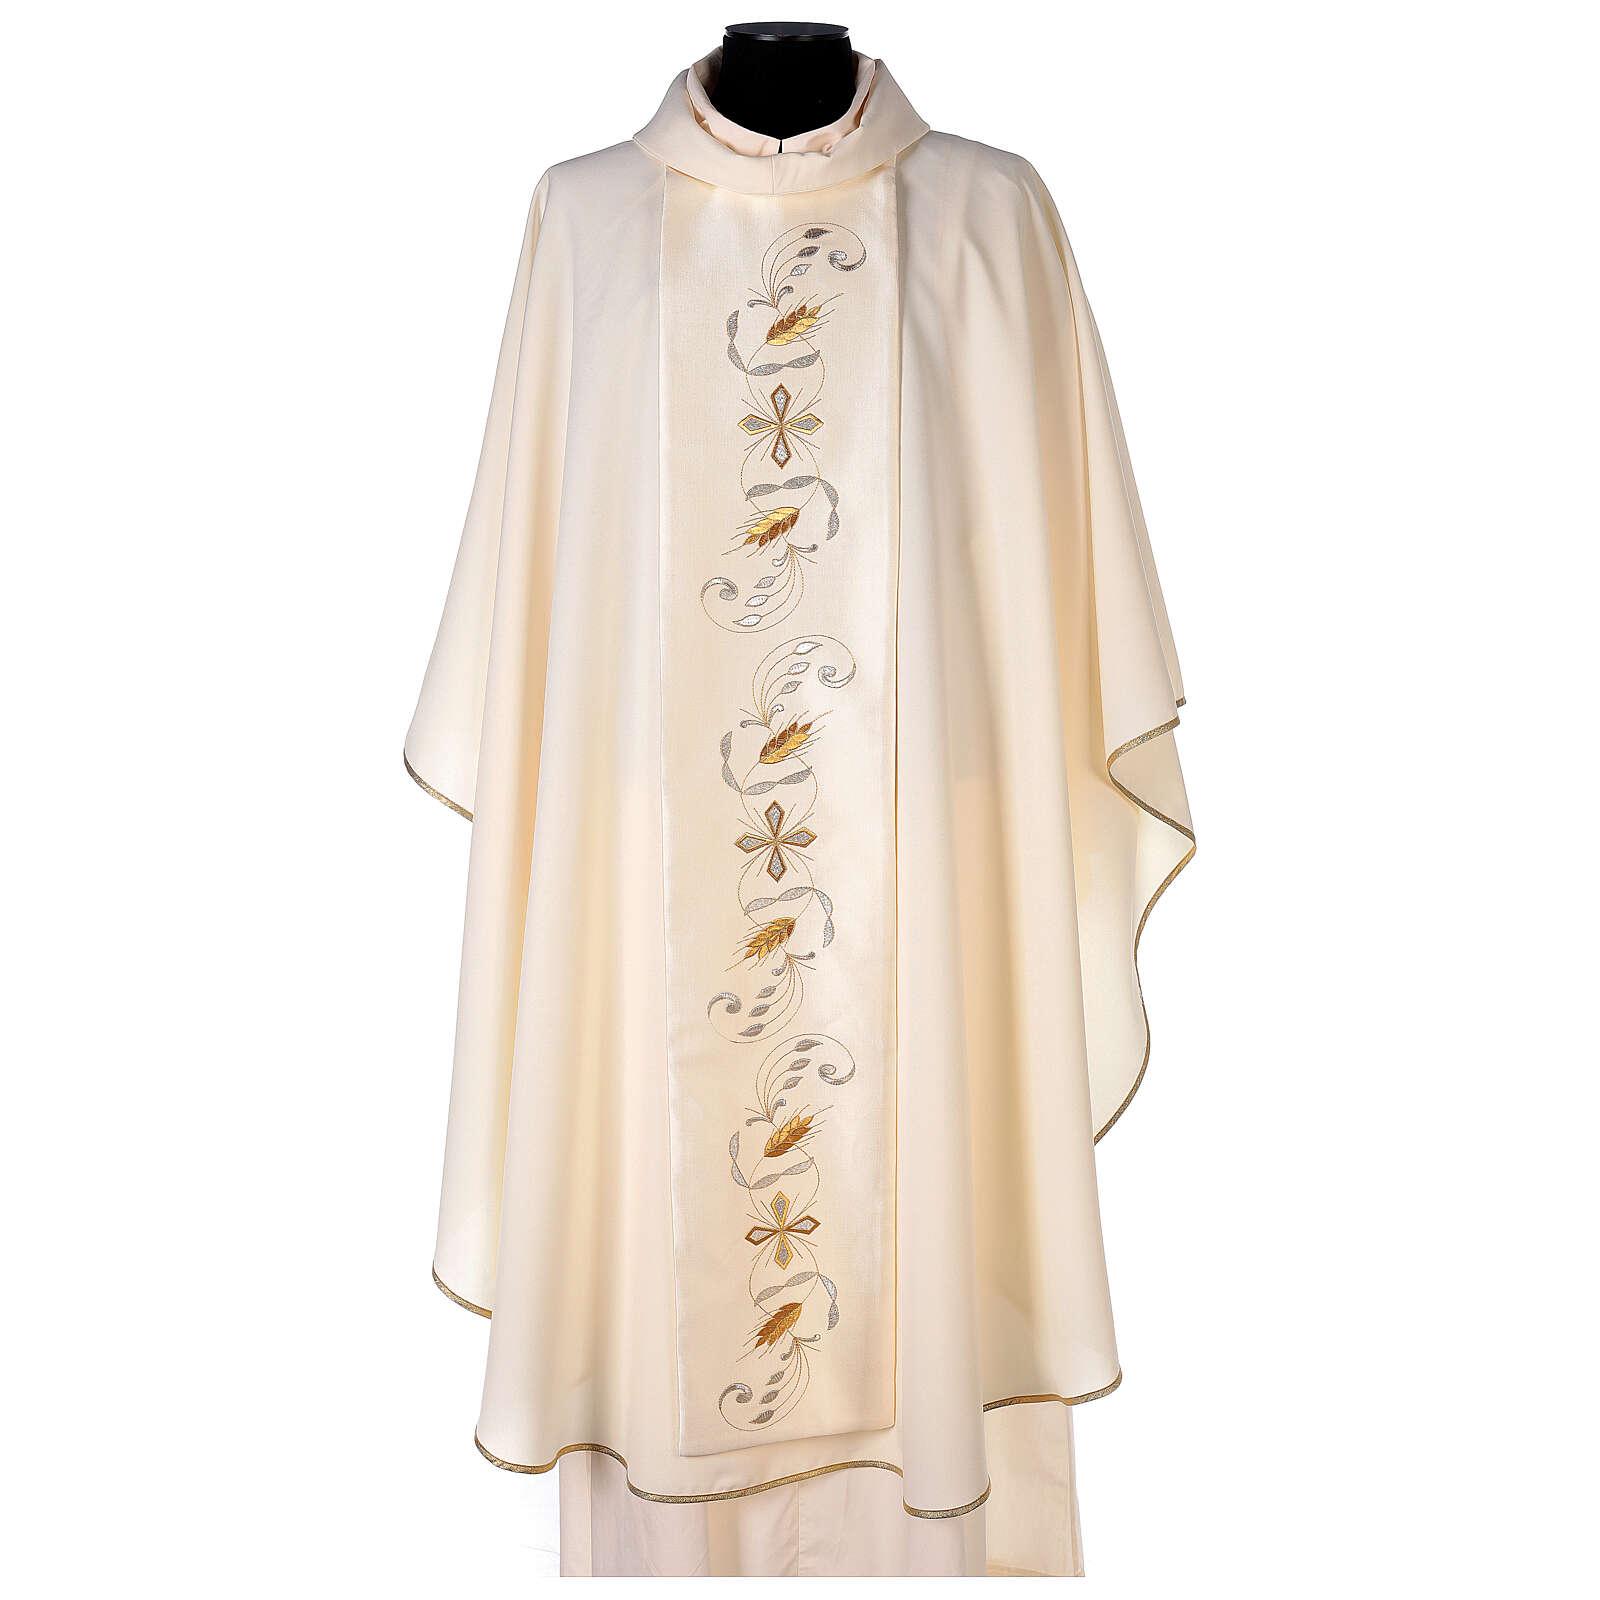 Chasuble étole satin coton broderie avant arrière 100% polyester Vatican 4